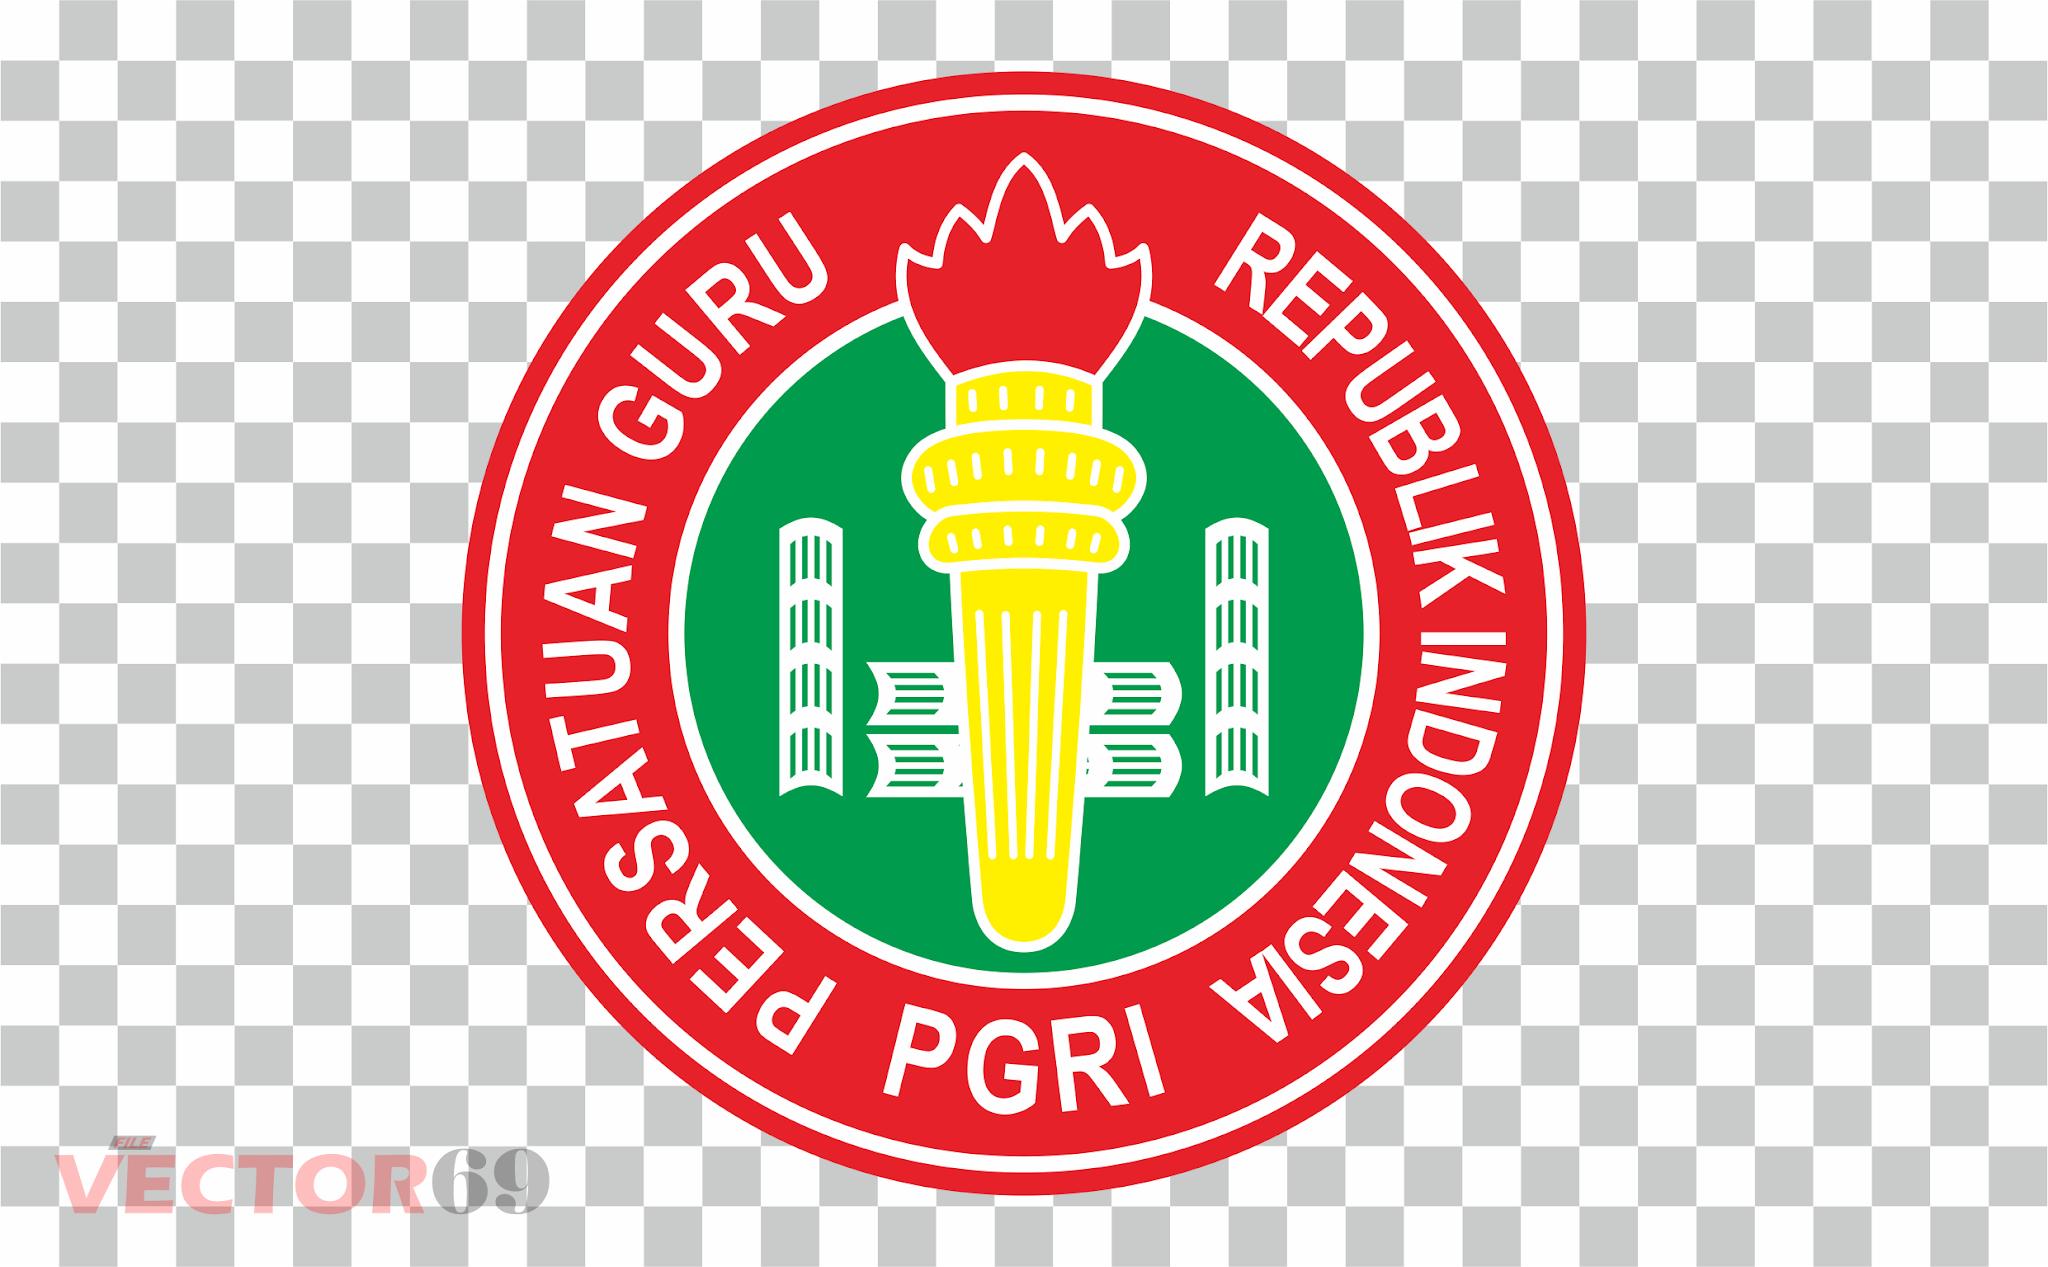 PGRI (Persatuan Guru Republik Indonesia) Logo - Download Vector File PNG (Portable Network Graphics)